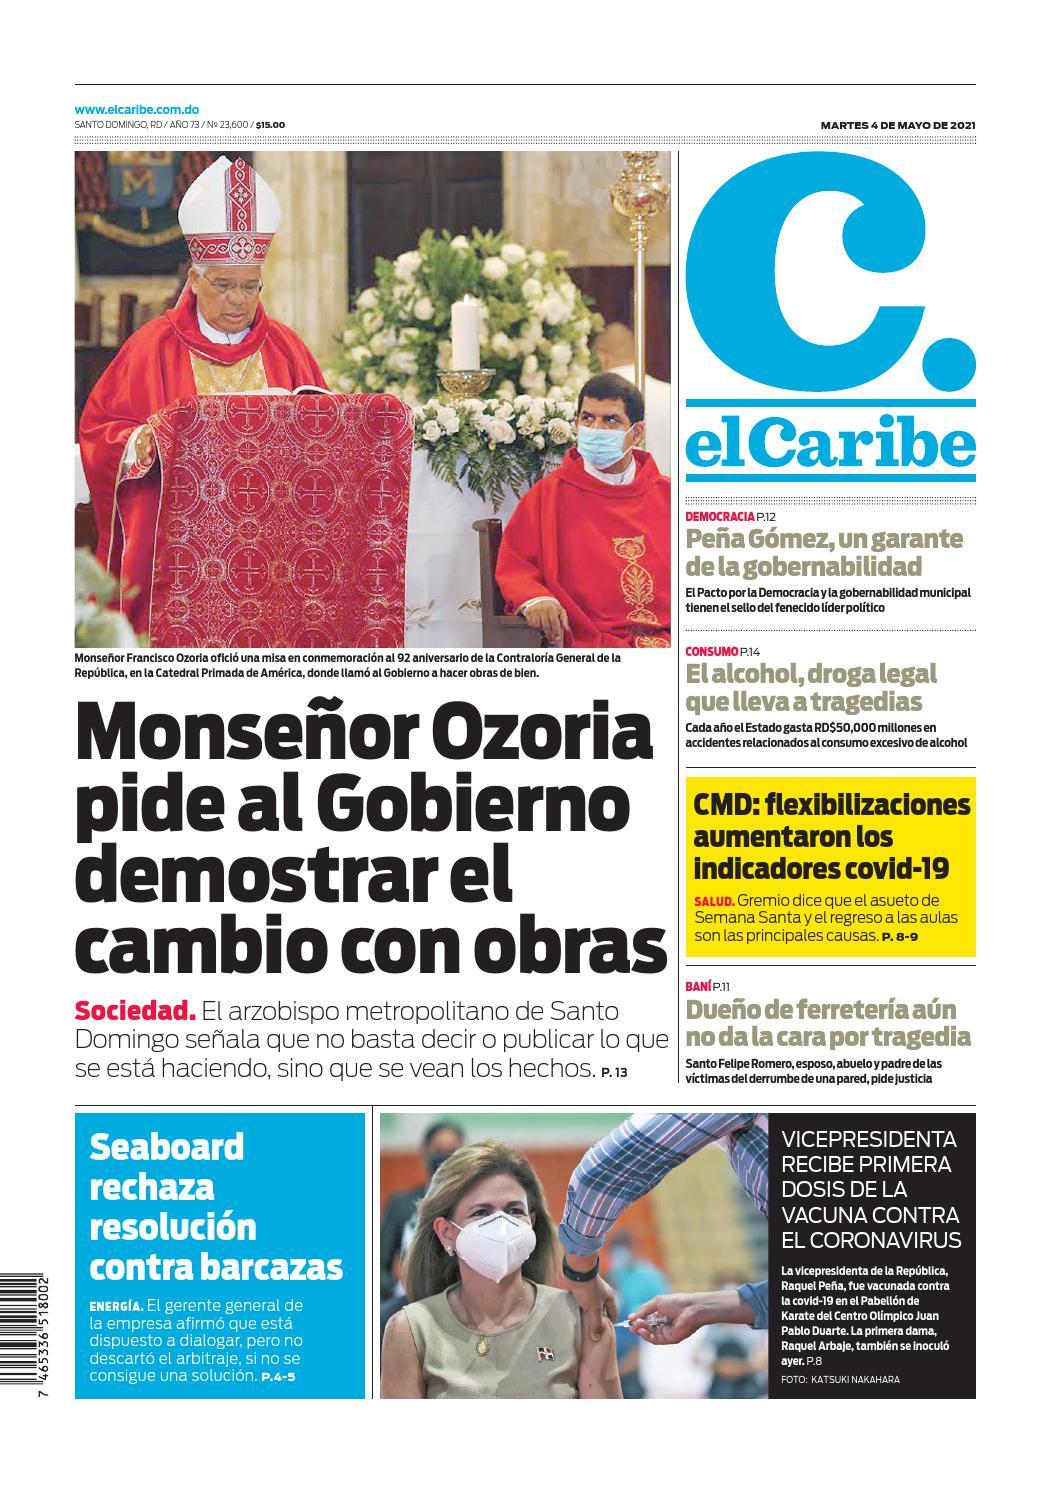 Portada Periódico El Caribe, Martes 04 de Mayo, 2021